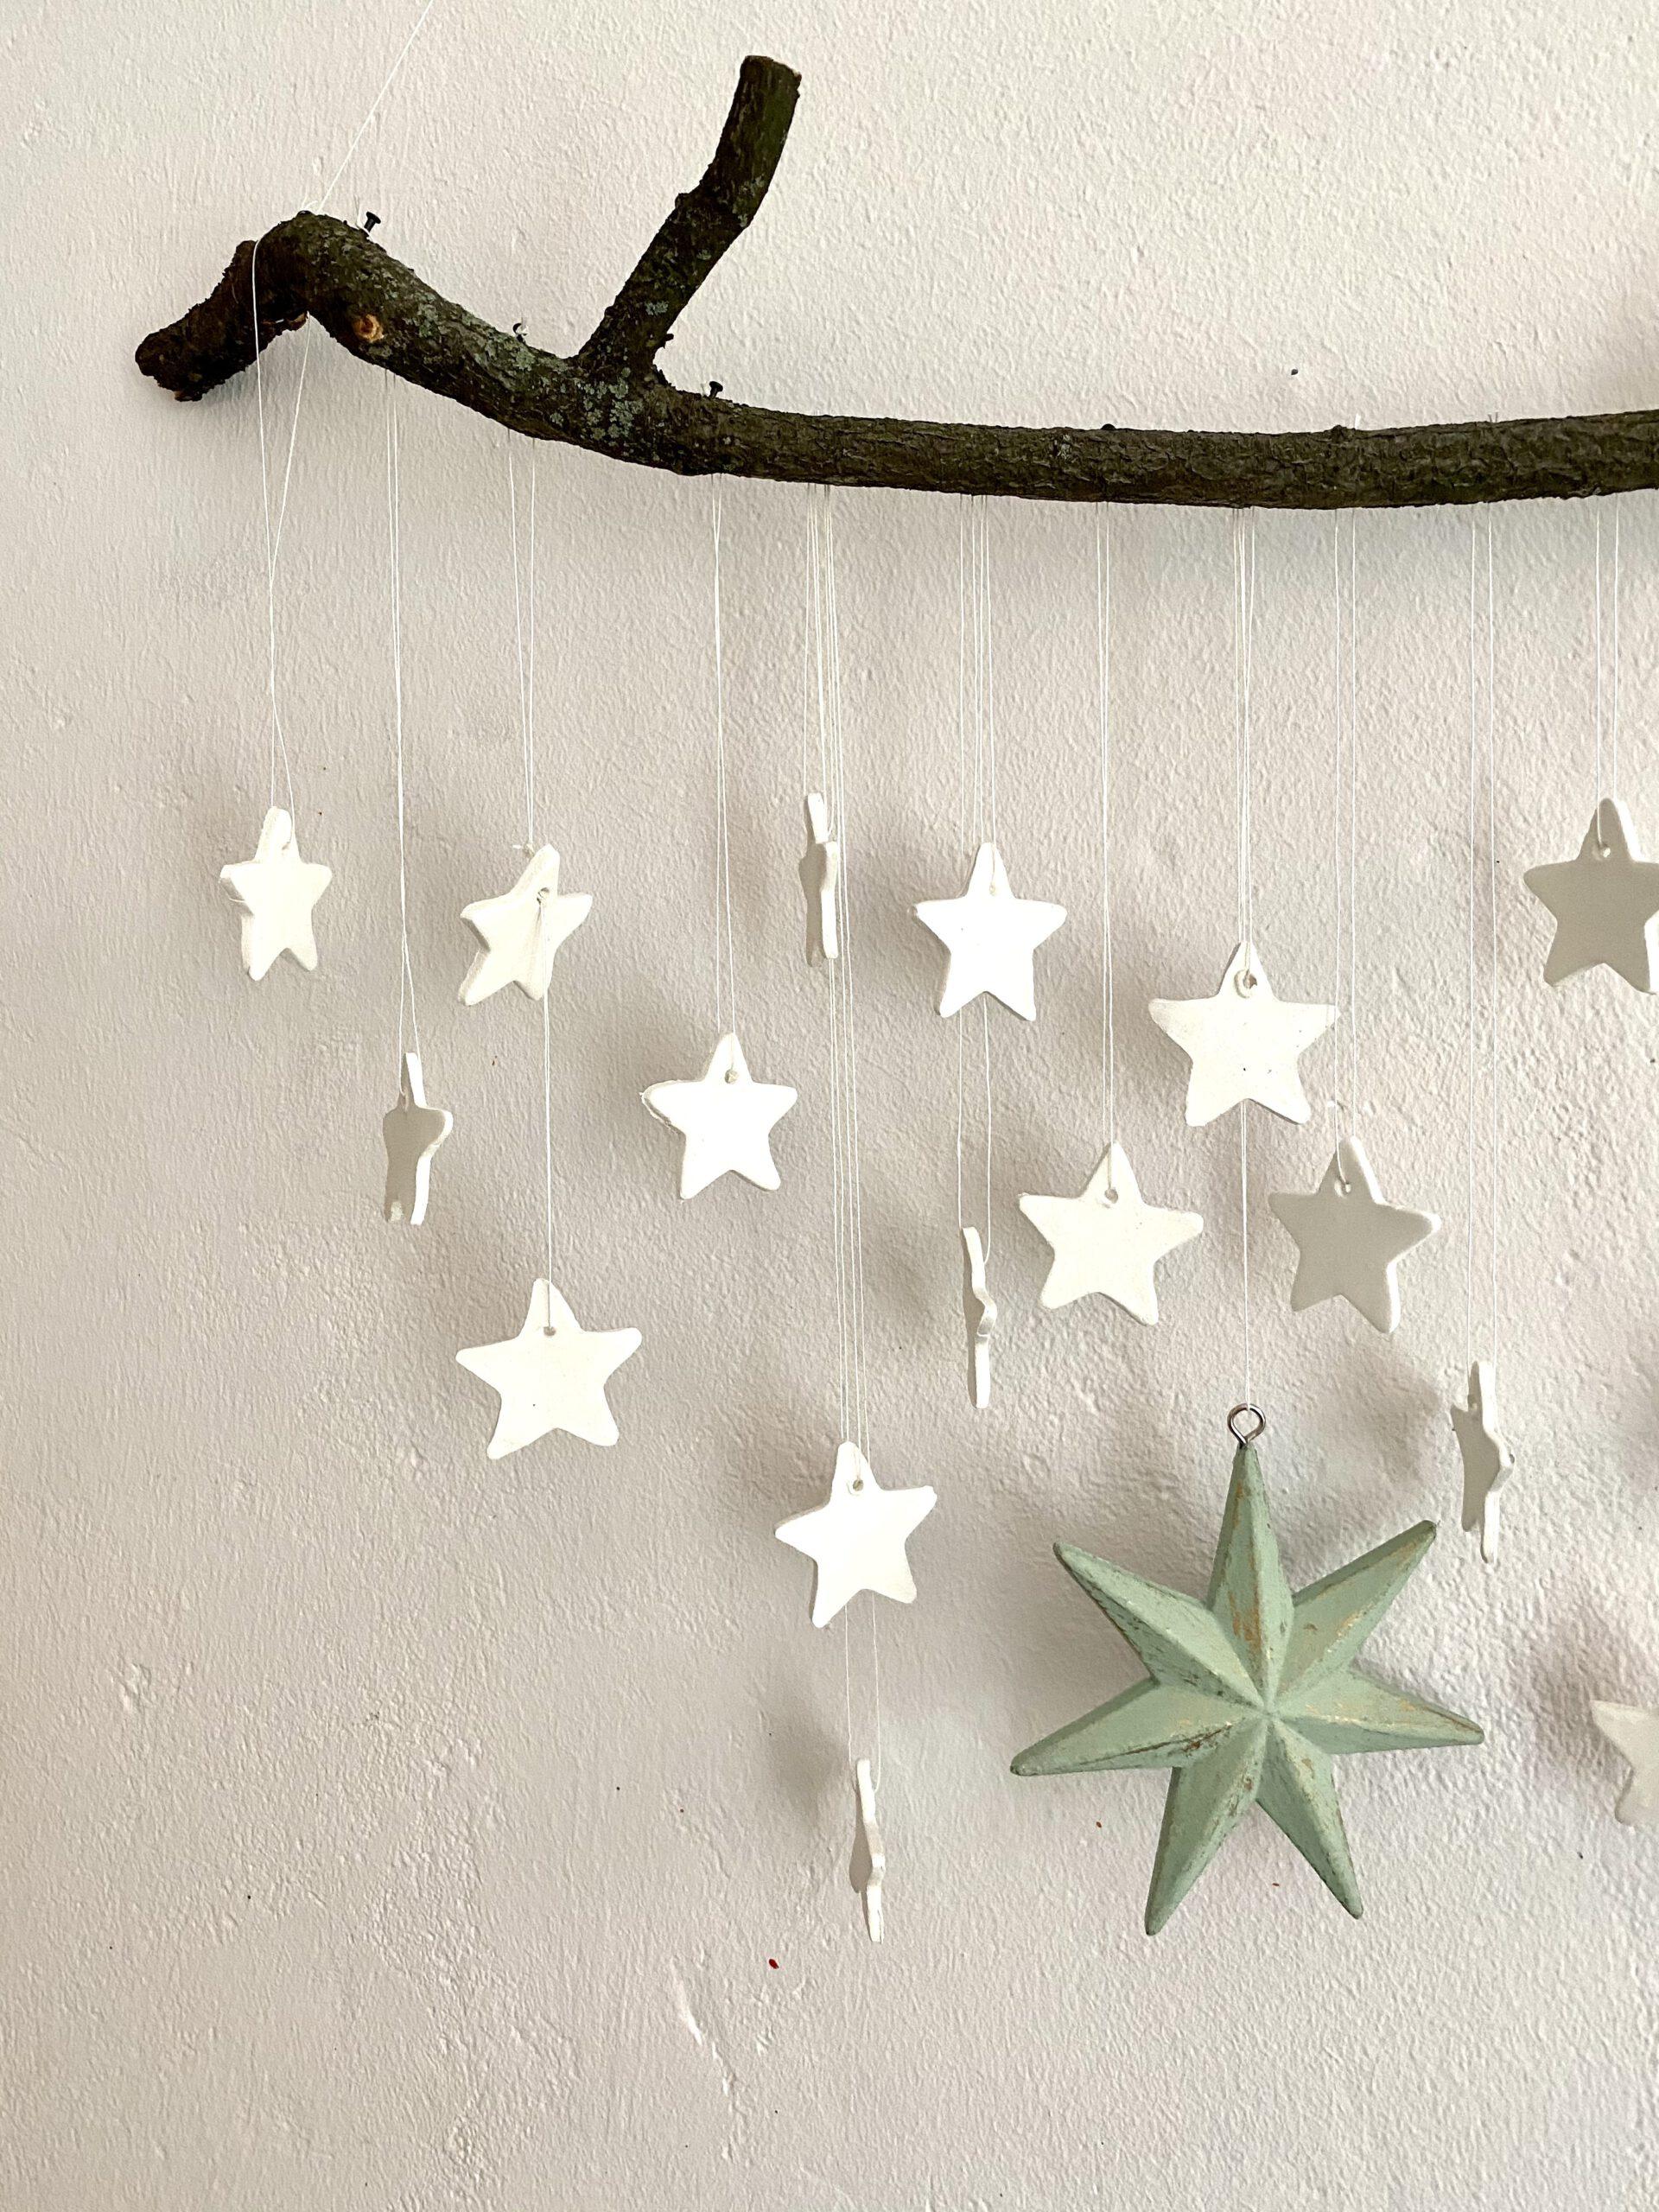 Mobile mit Sternen an einer weißen Wand: Detail mit ca. 15 weißen und 1 großen hellgrünen Stern